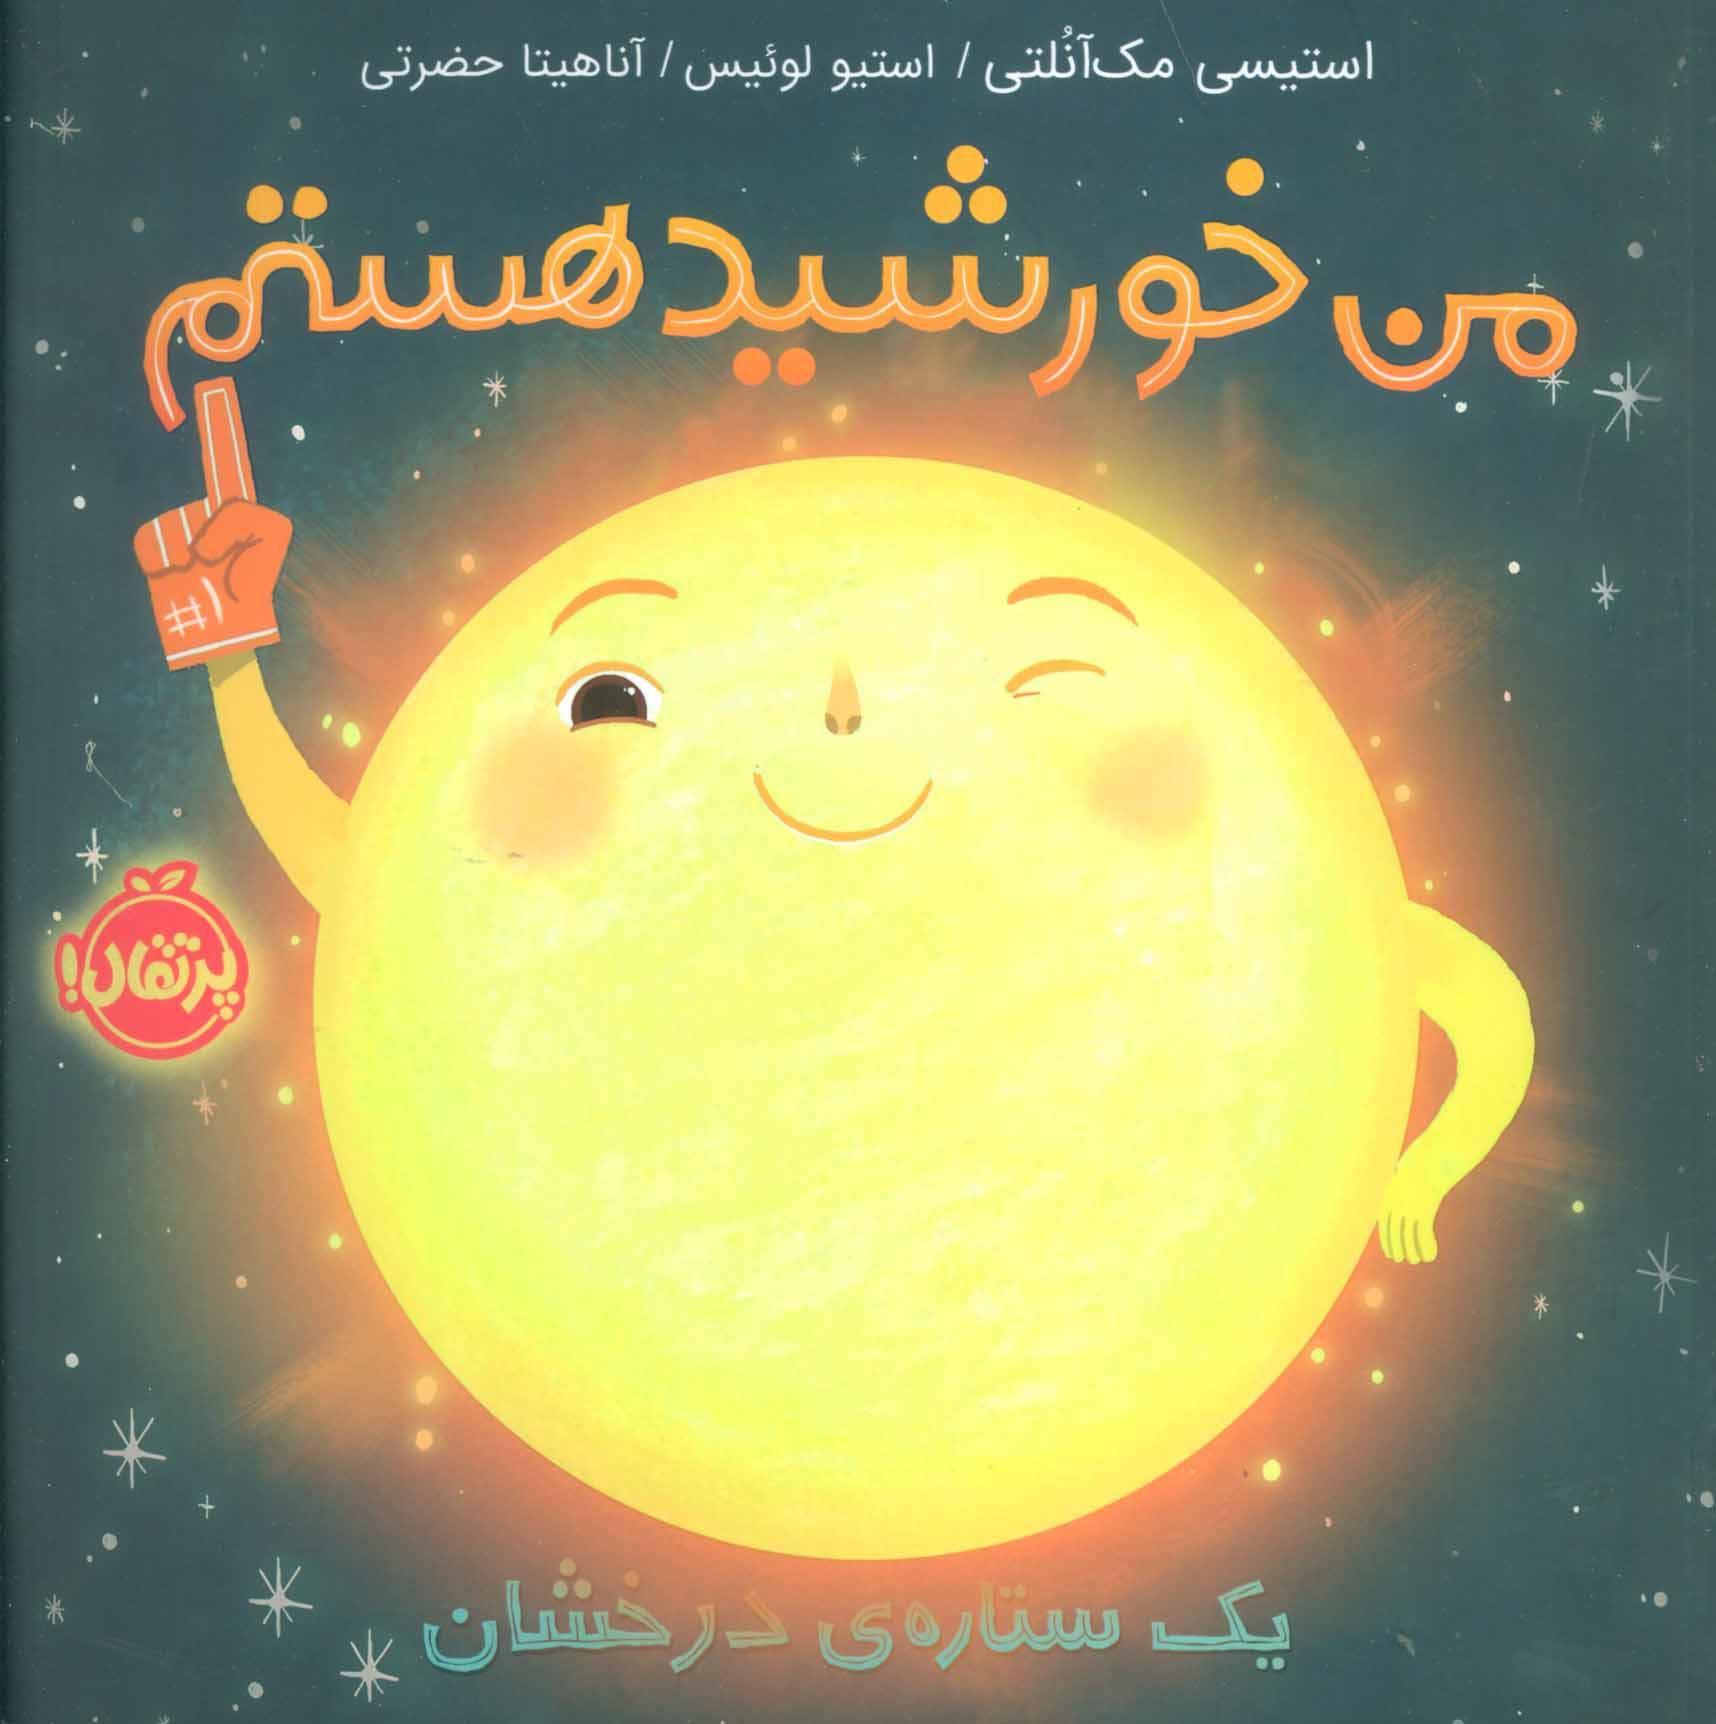 کتاب من خورشید هستم: یک ستارهٔ درخشان